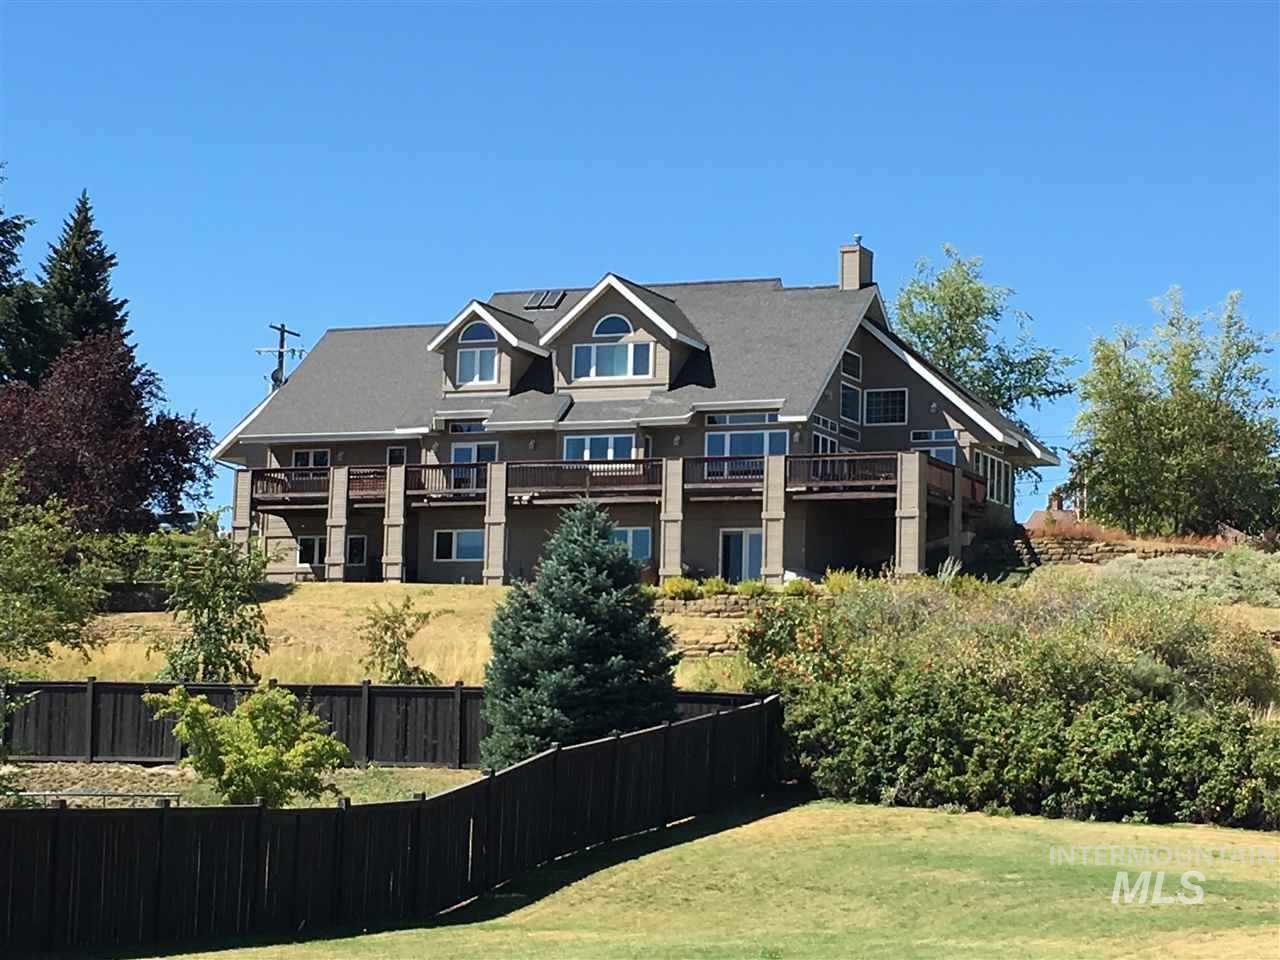 独户住宅 为 销售 在 1870 Orchard 1870 Orchard Moscow, 爱达荷州 83843